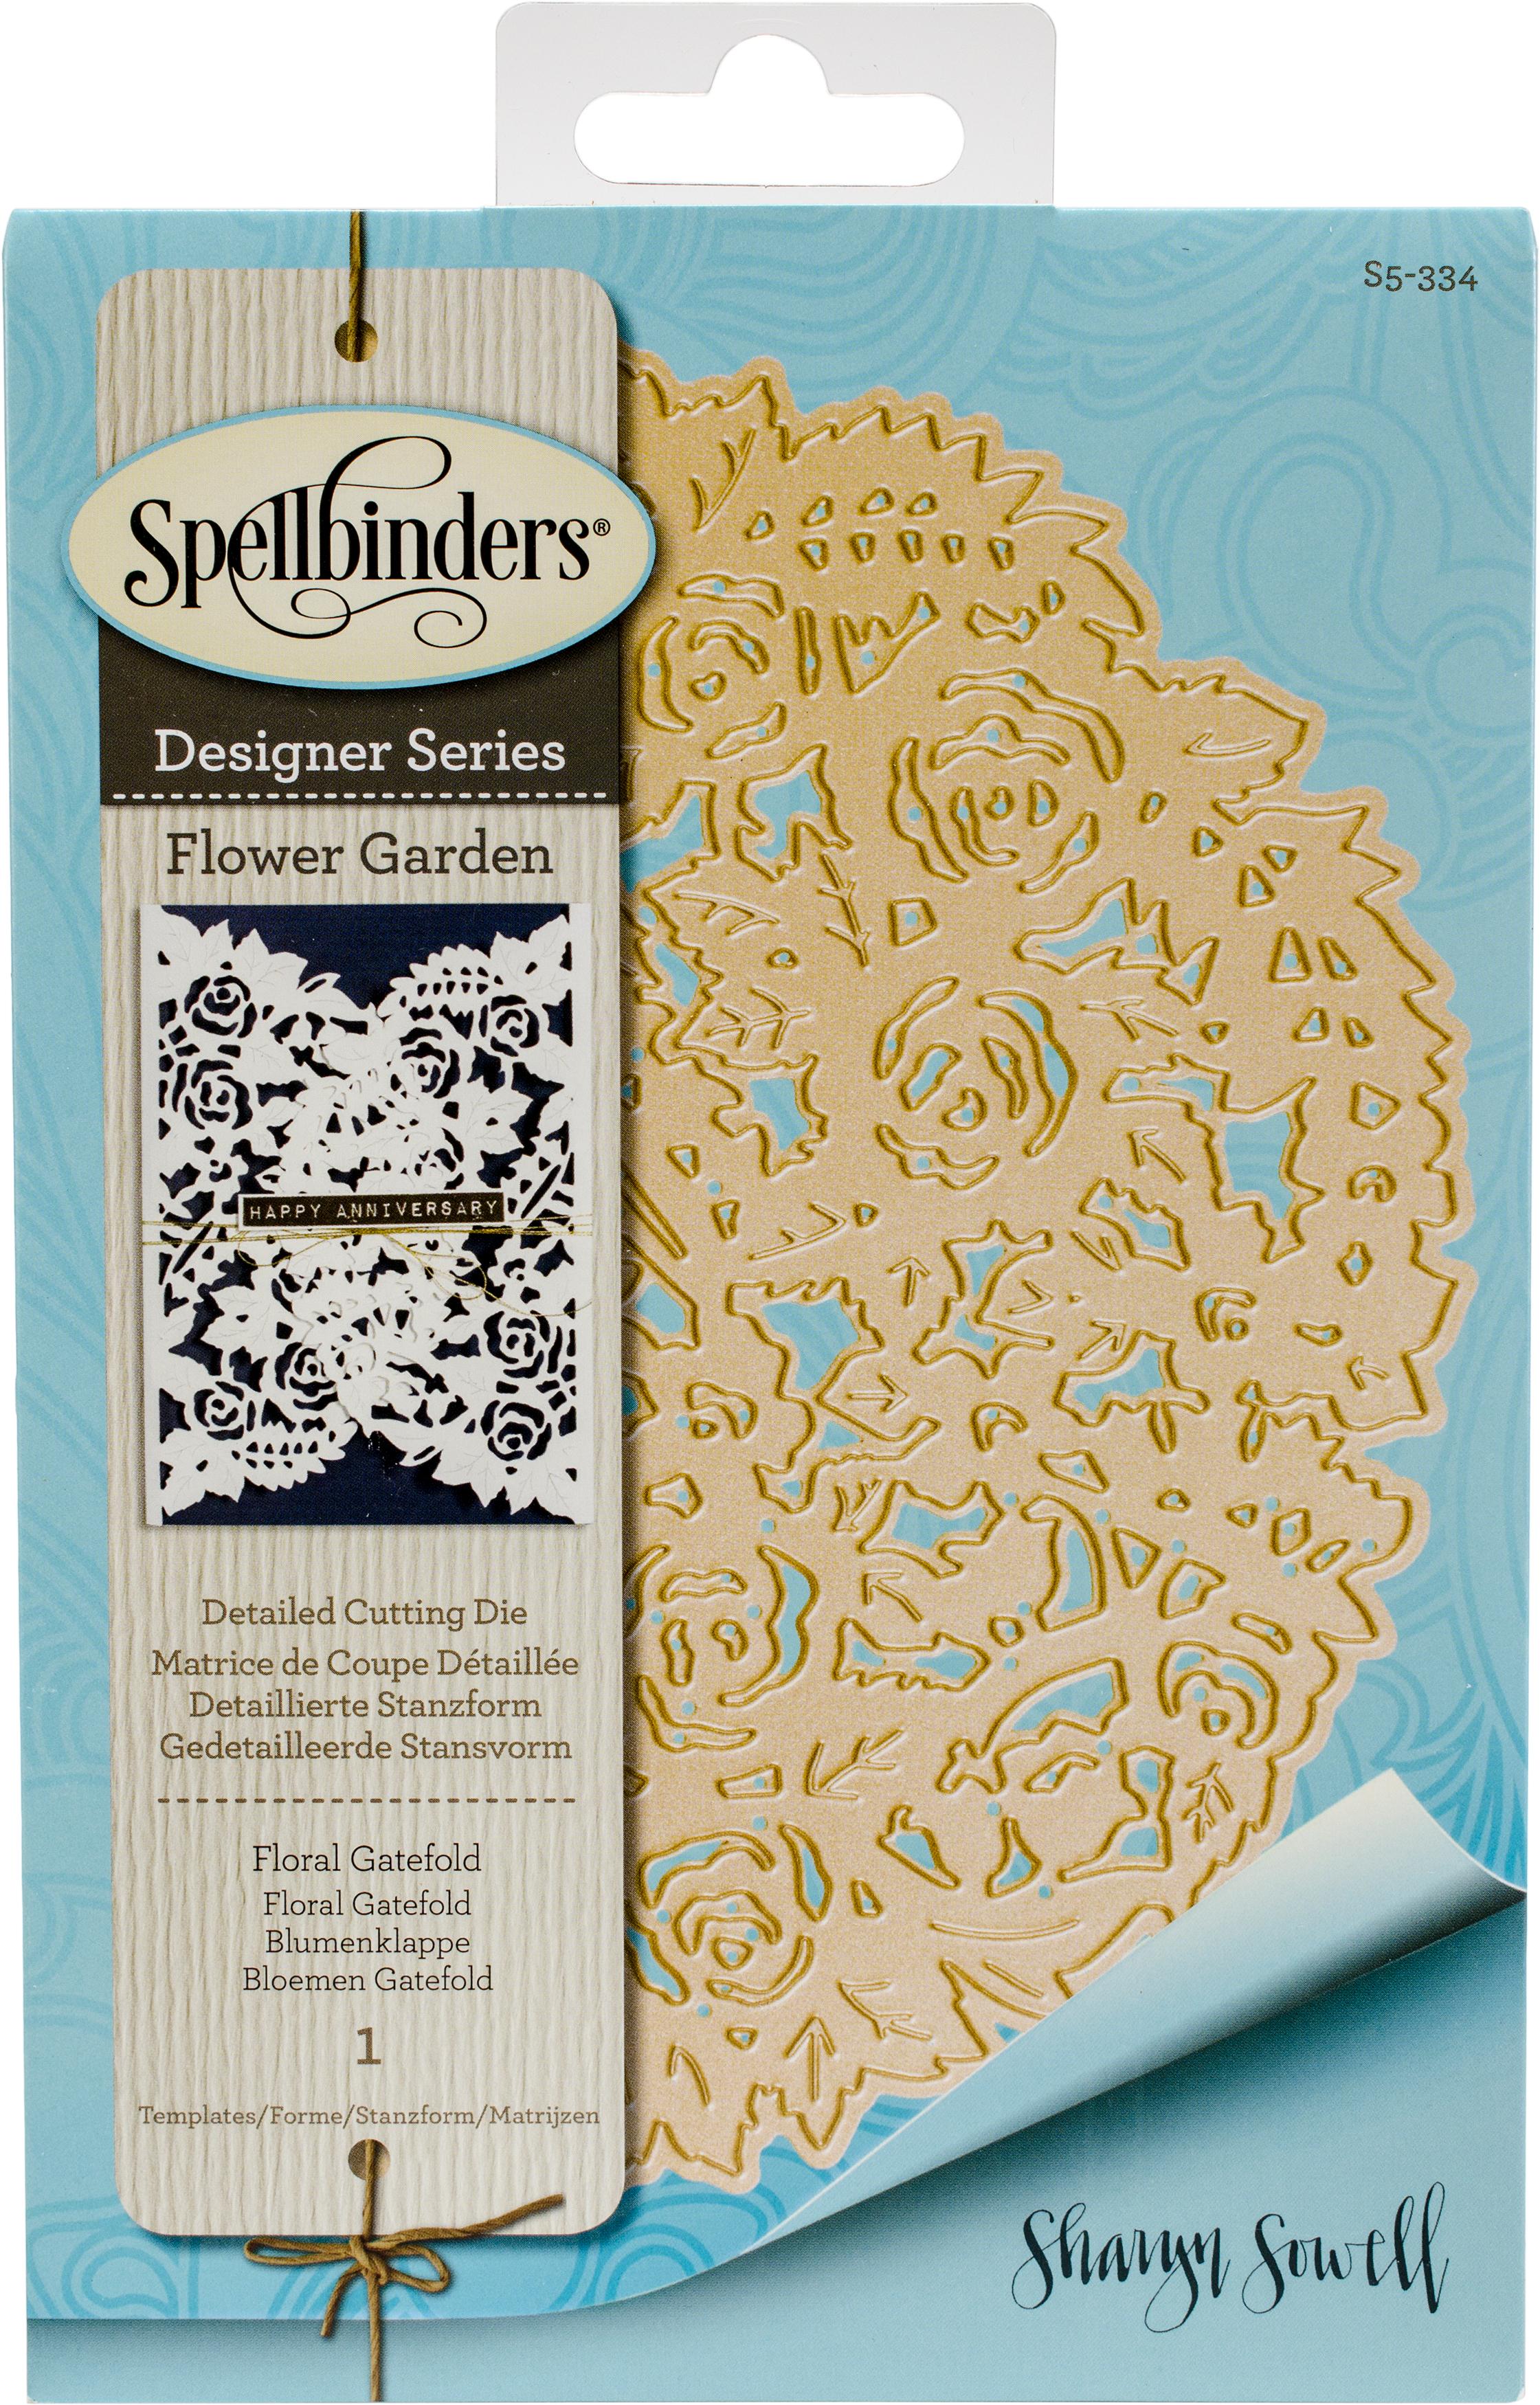 ^Spellbinders - Designer Series - Floral Gatefold